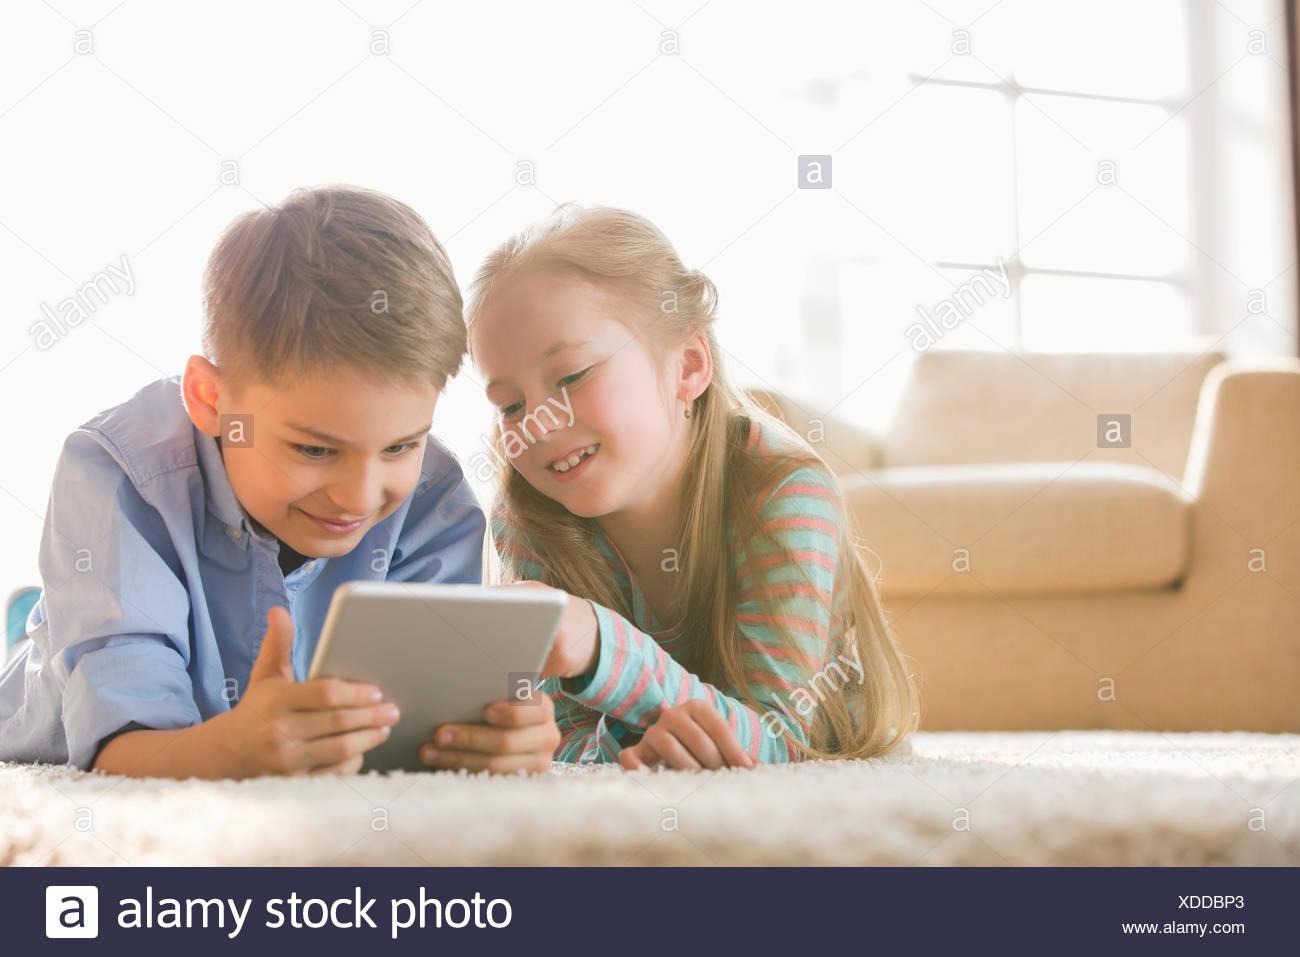 Fratello e Sorella con tavoletta digitale sul pavimento a casa Immagini Stock